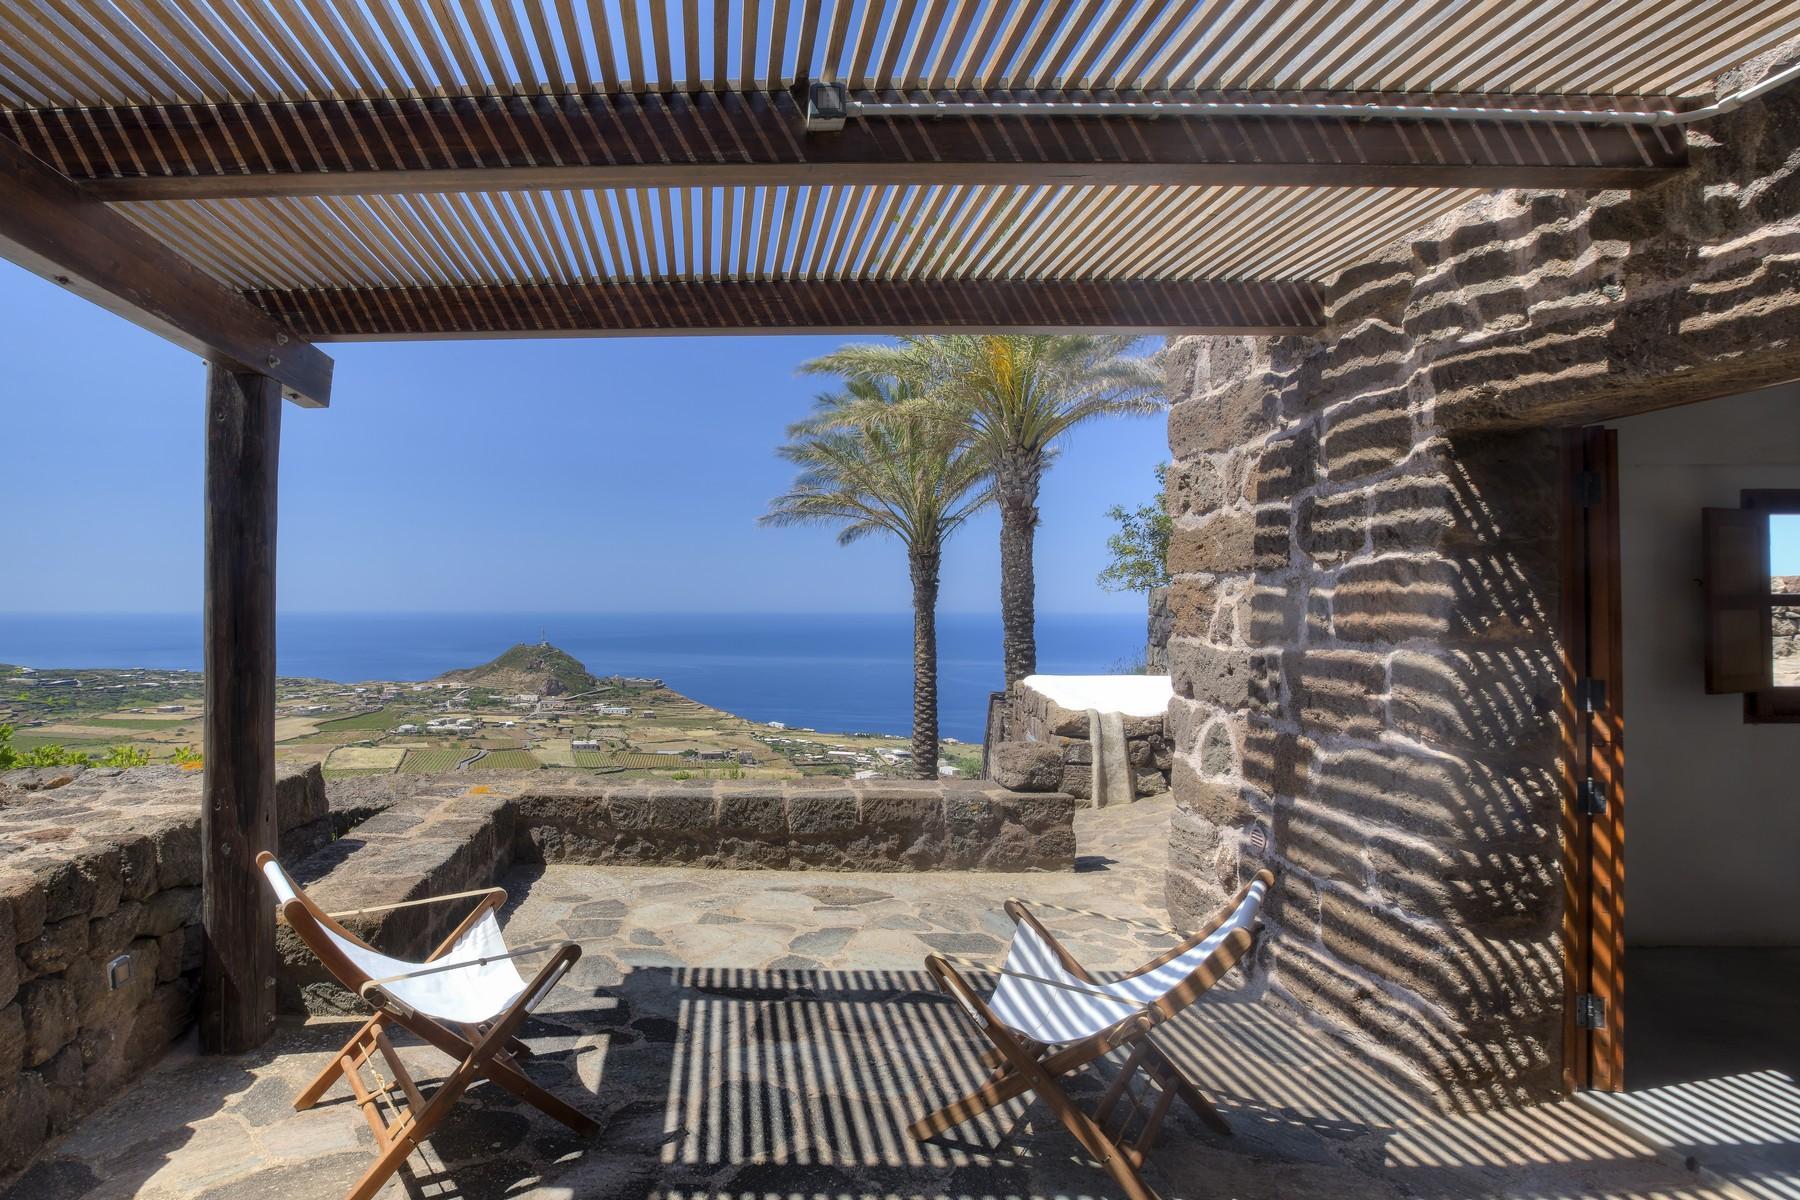 Un paradiso incontaminato nell'esclusiva isola di Pantelleria - 9